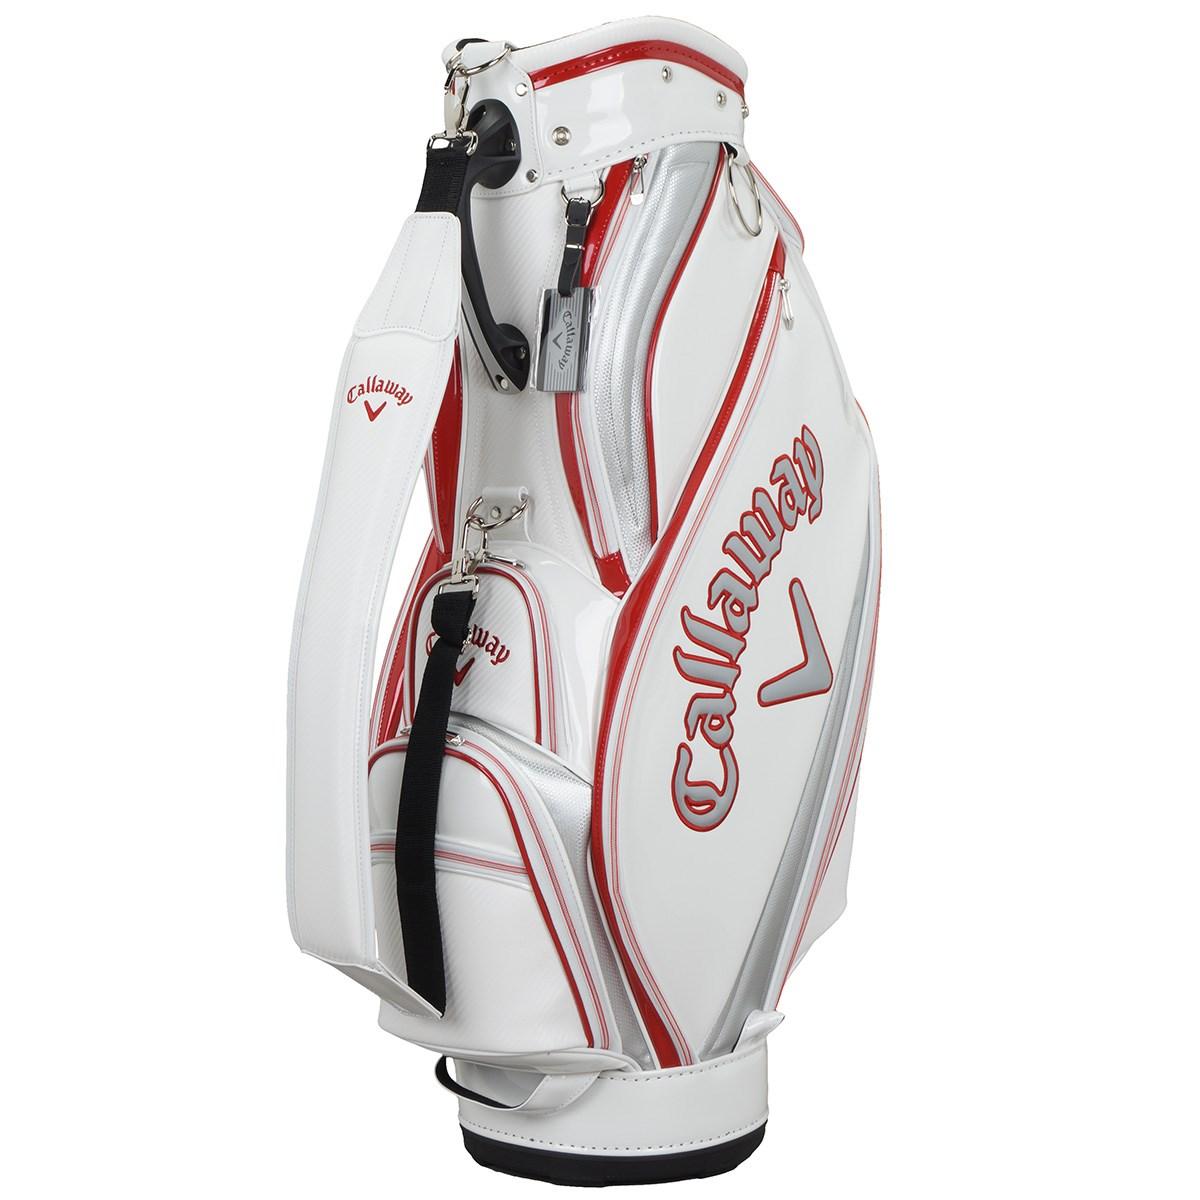 キャロウェイゴルフ(Callaway Golf) CRT SOLID キャディバッグ 18JM